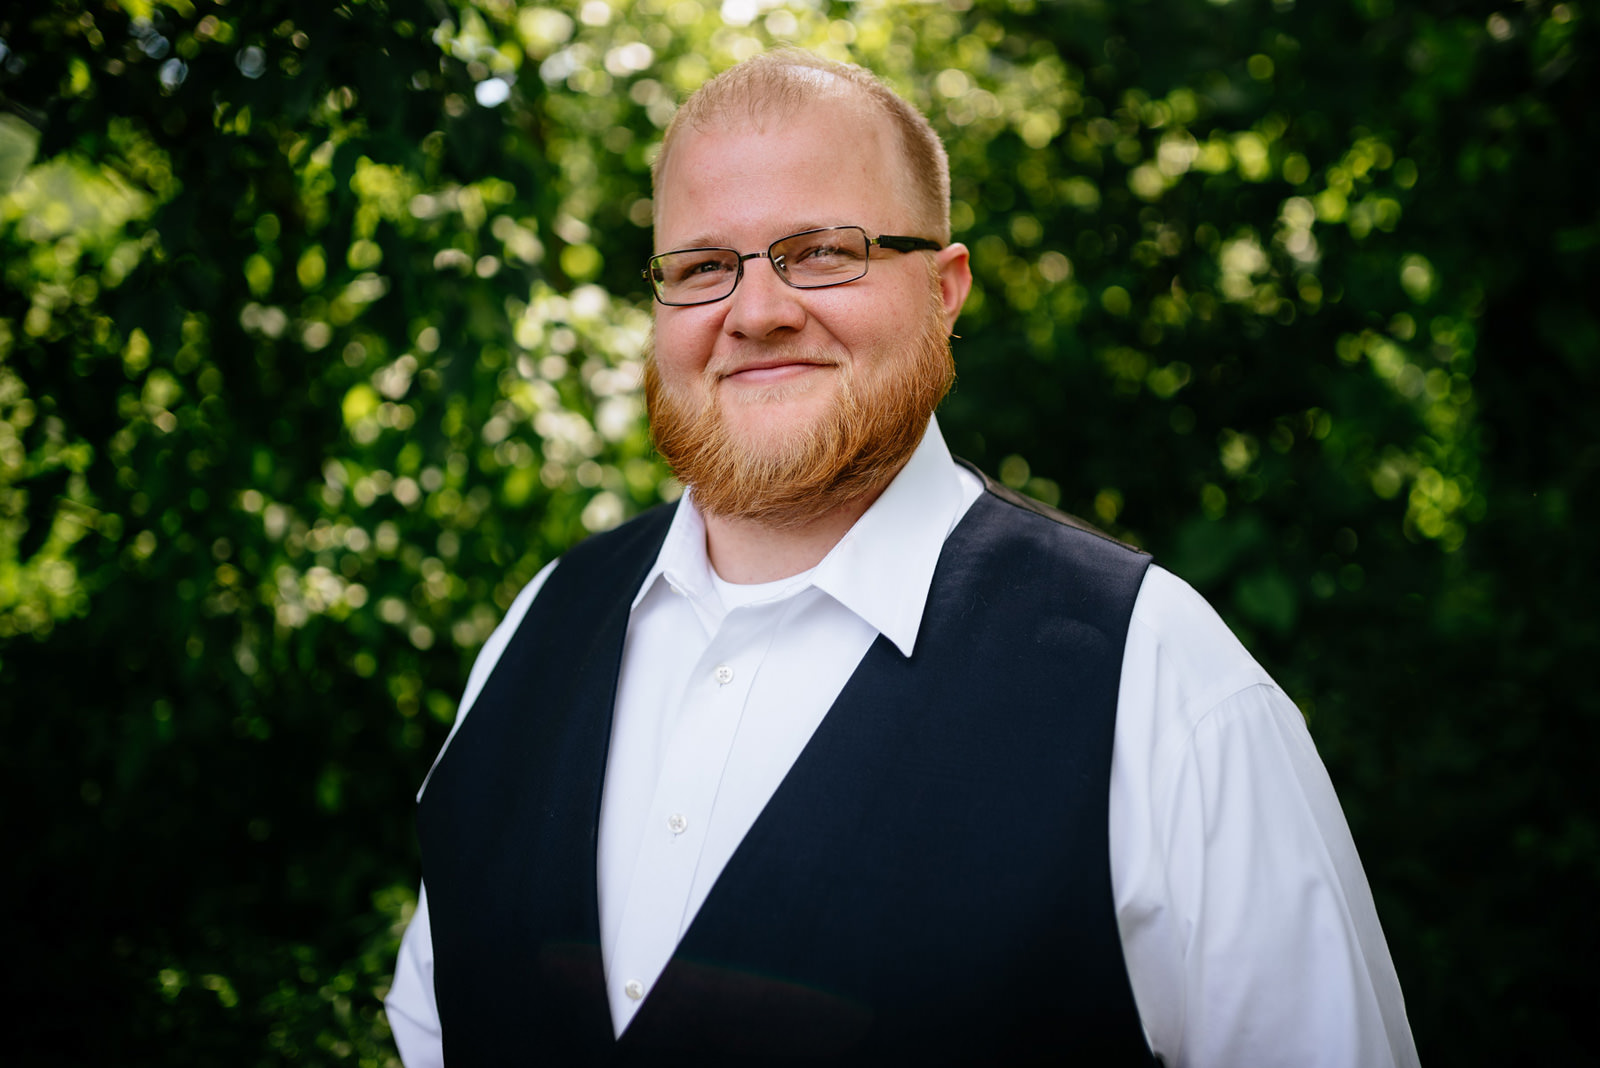 groom portrait outdoor wv wedding